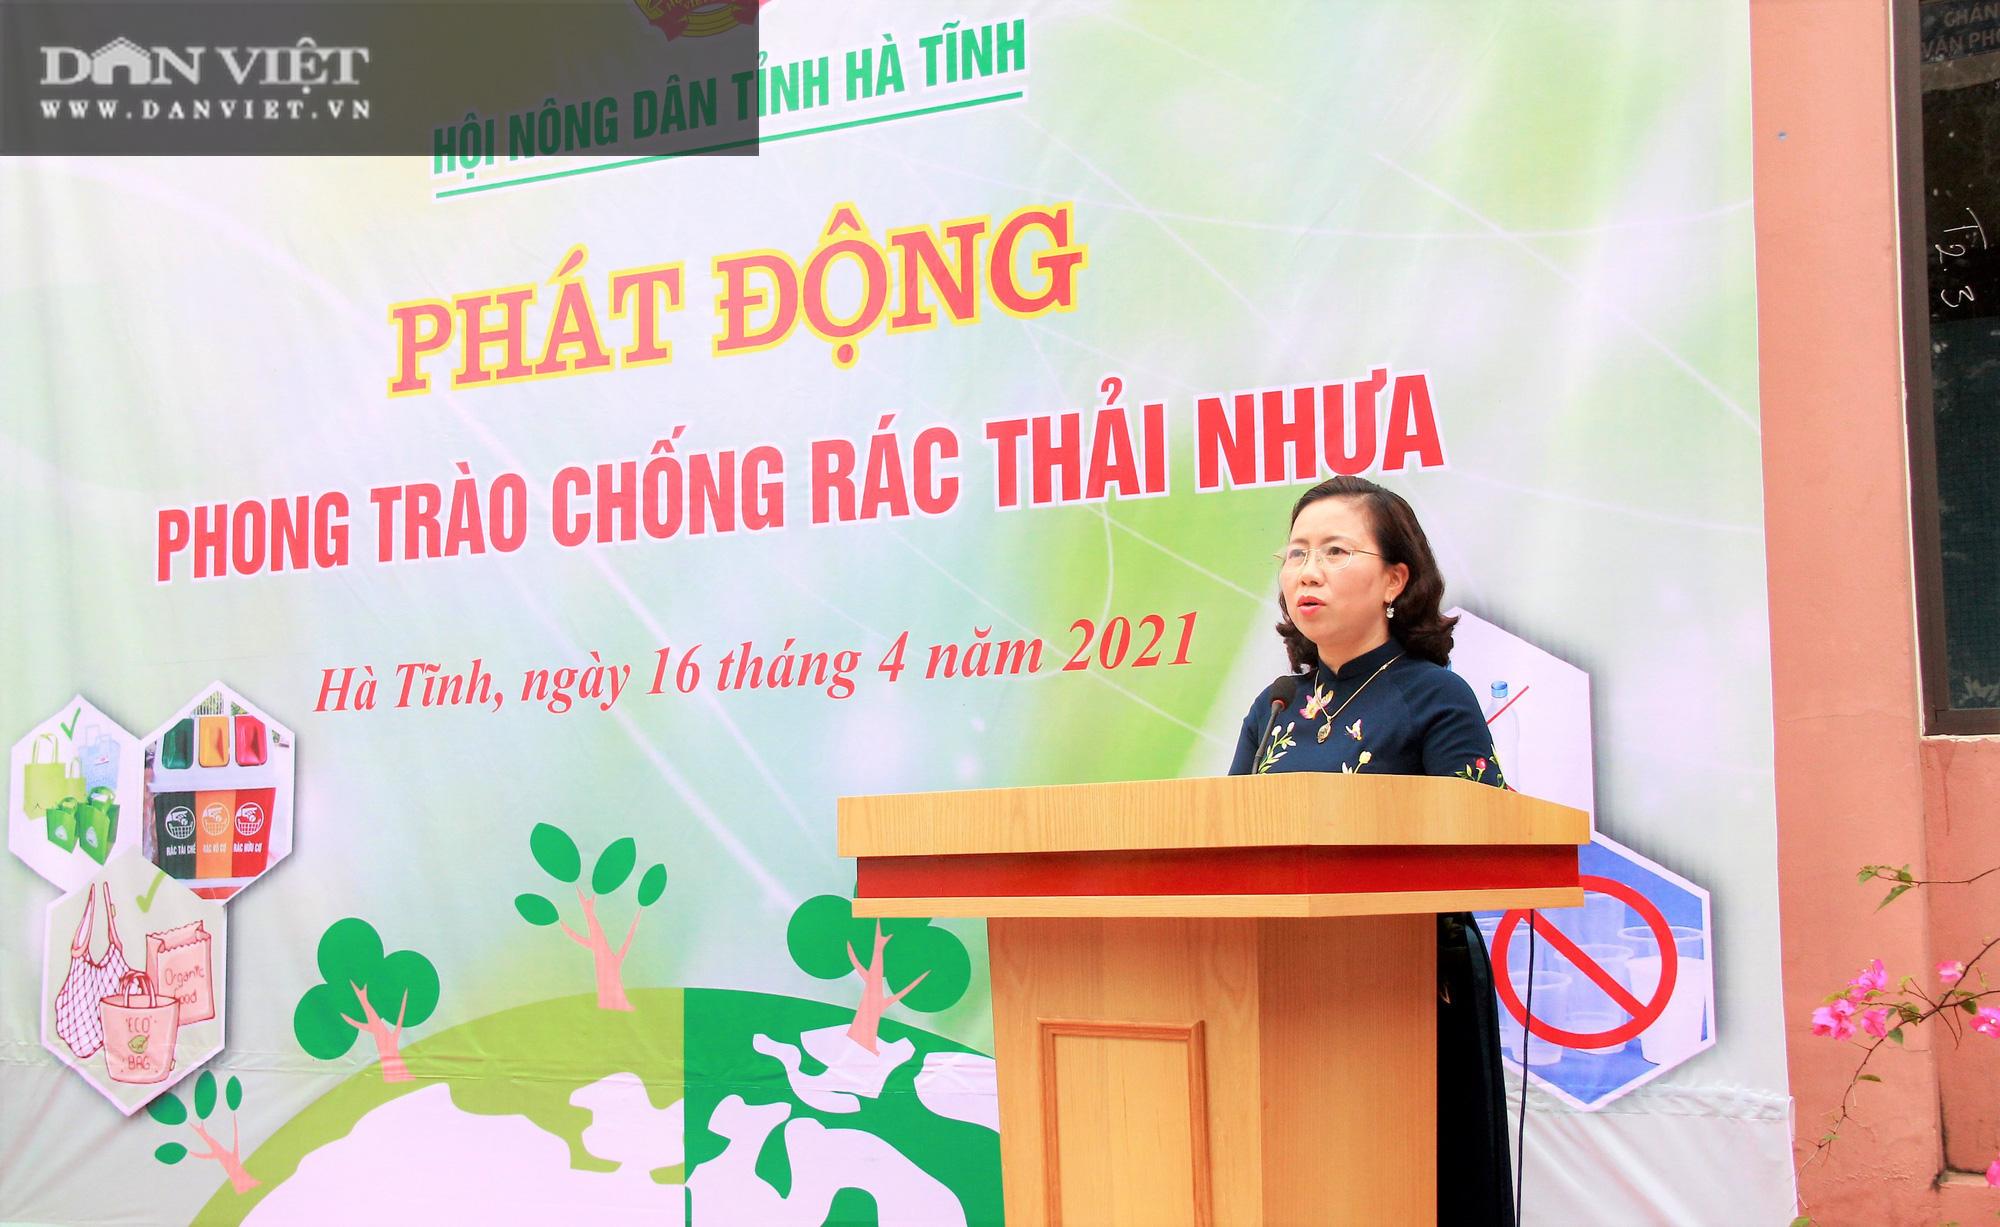 """Hội Nông dân Hà Tĩnh phát động phong trào """"Chống rác thải nhựa"""" - Ảnh 2."""